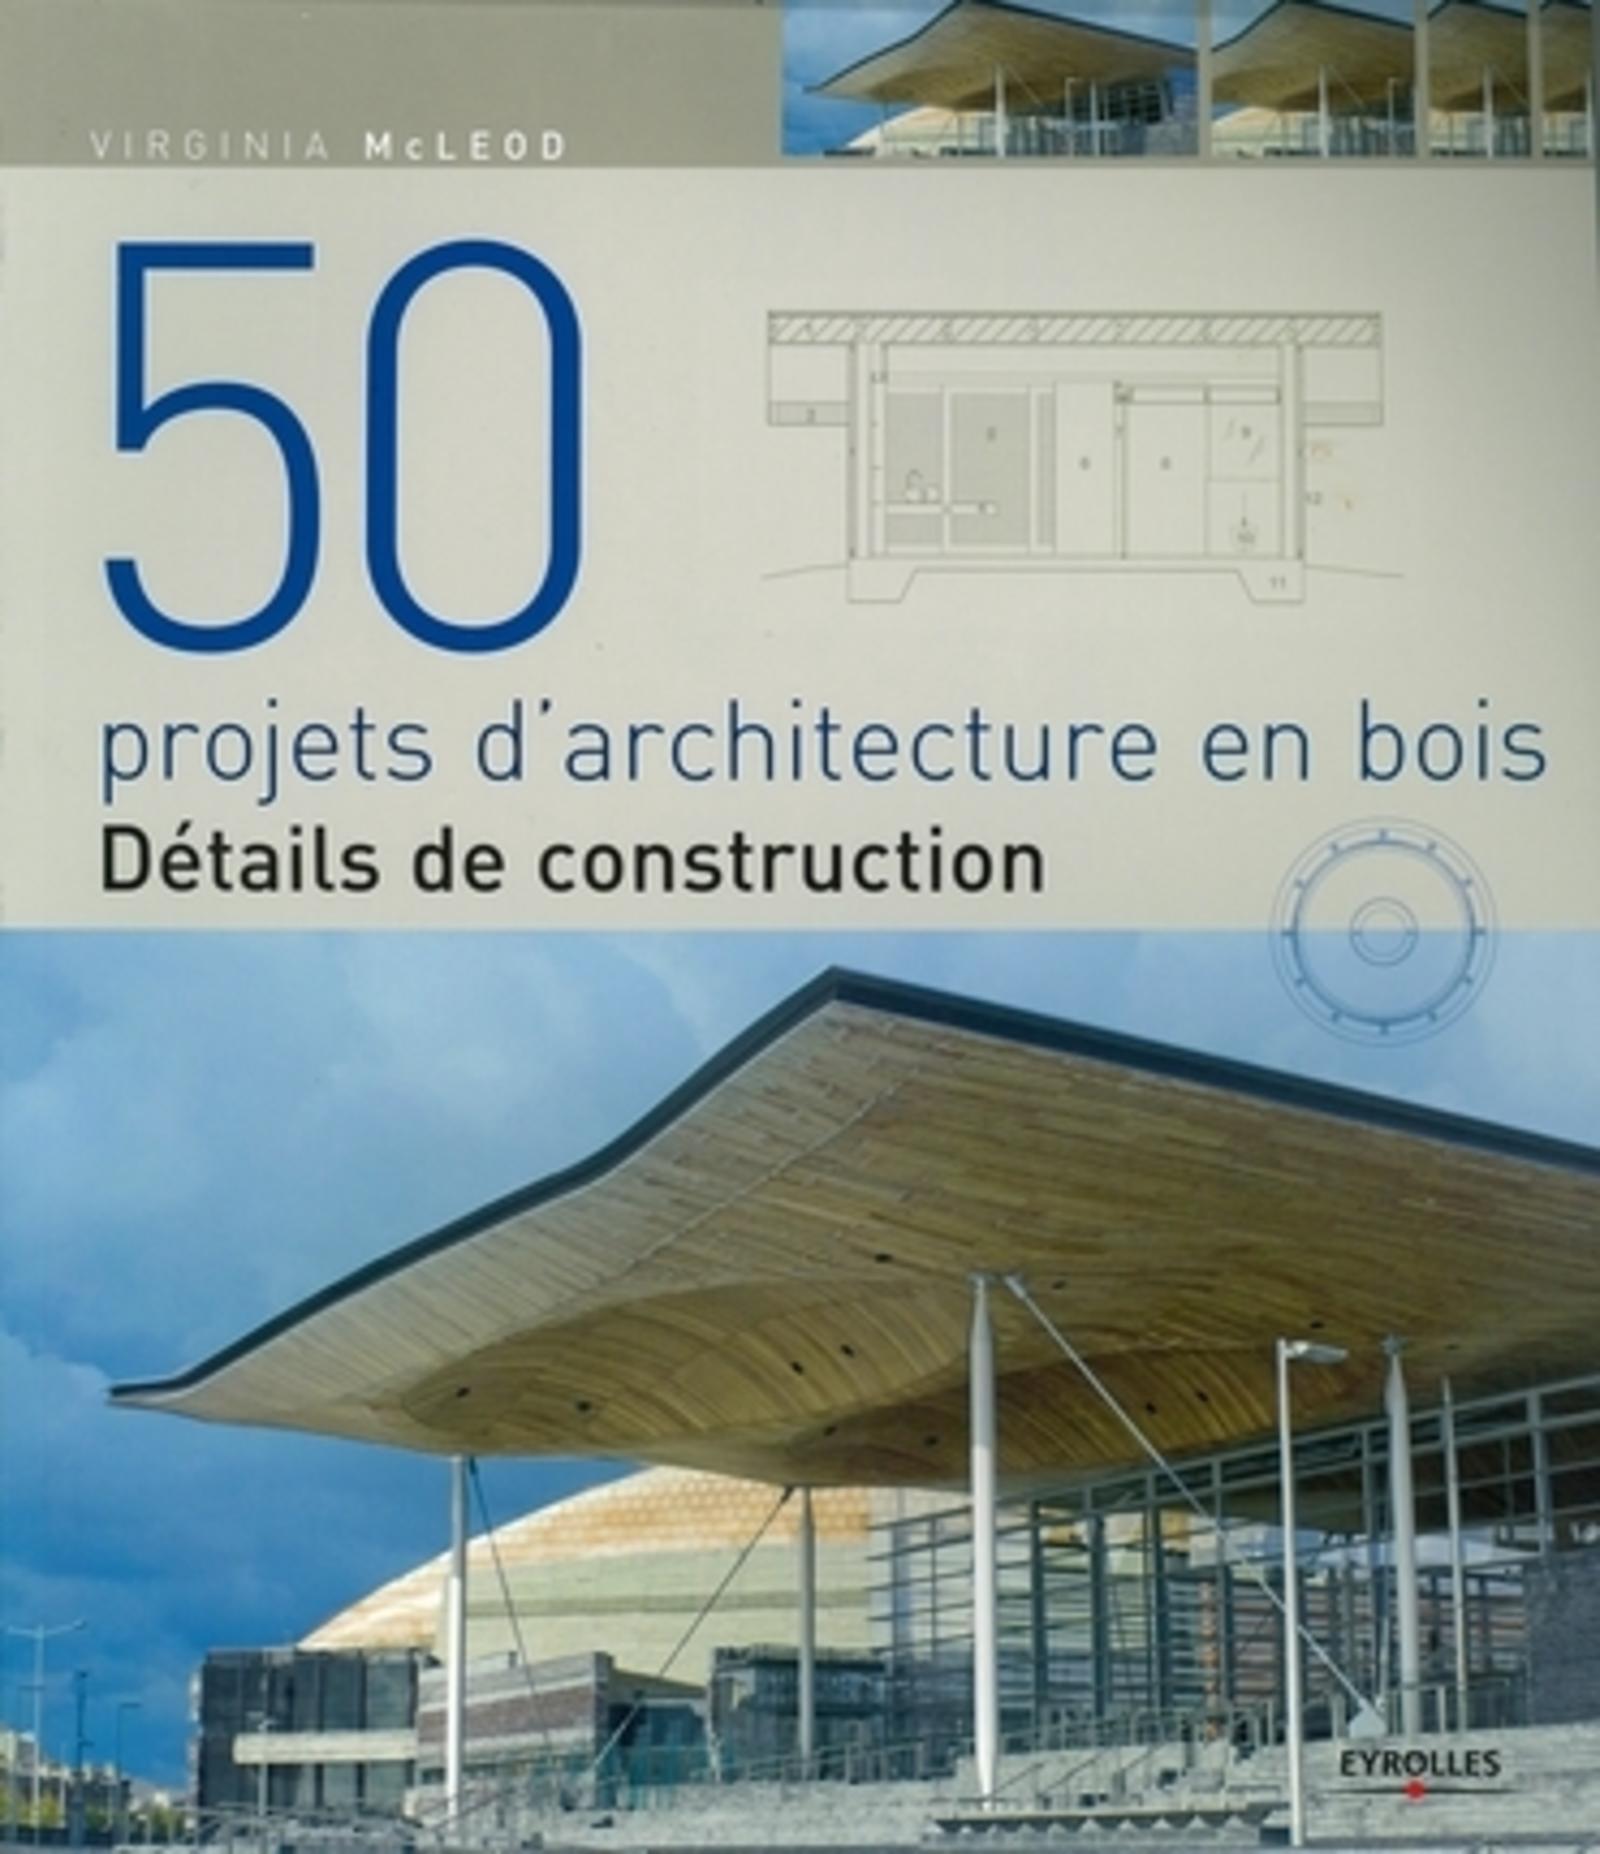 50 PROJETS D'ARCHITECTURE EN BOIS - DETAILS DE CONSTRUCTION